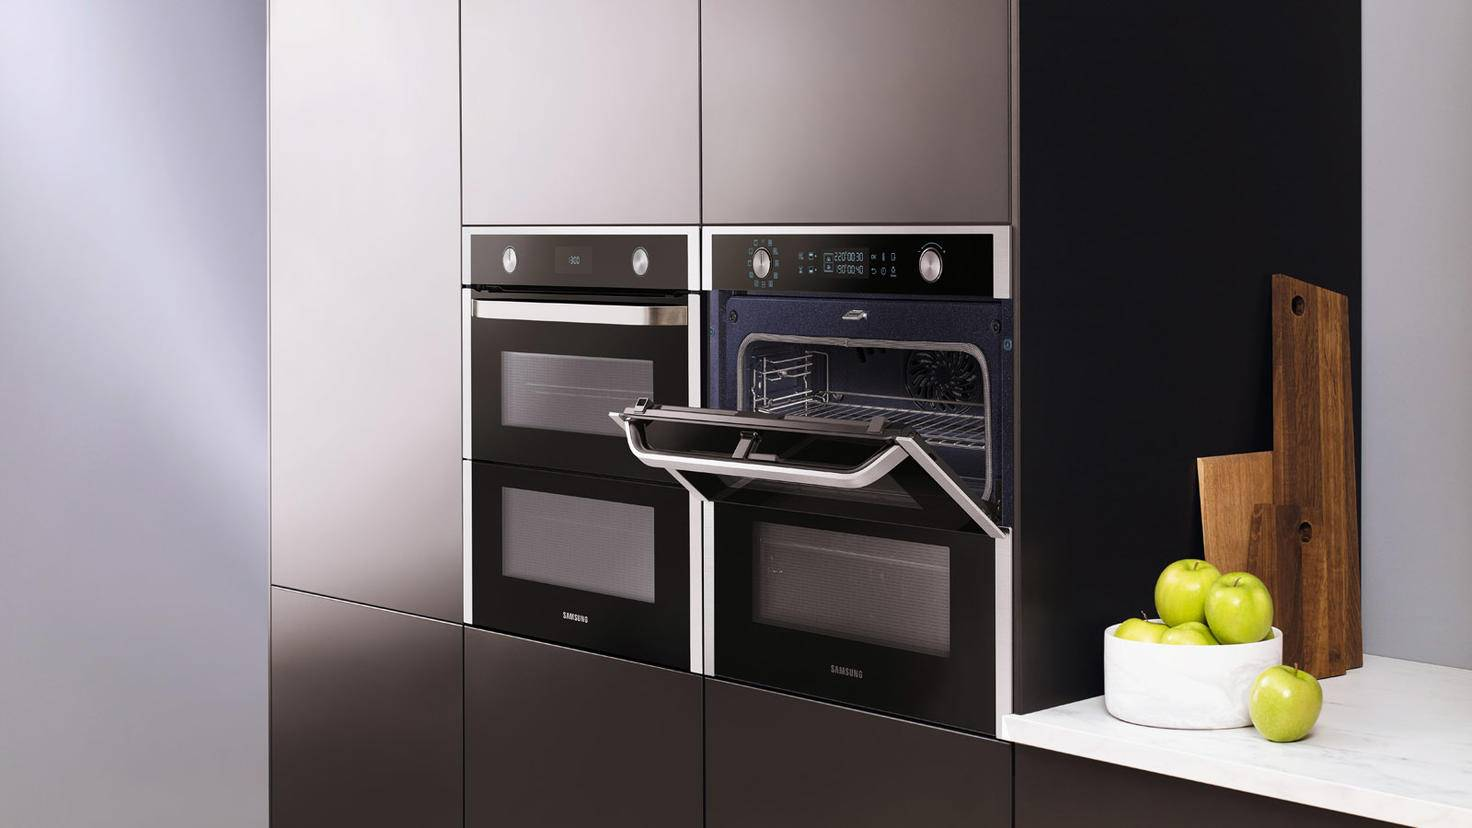 Samsung Dual Cook Flex Backofen Samsung